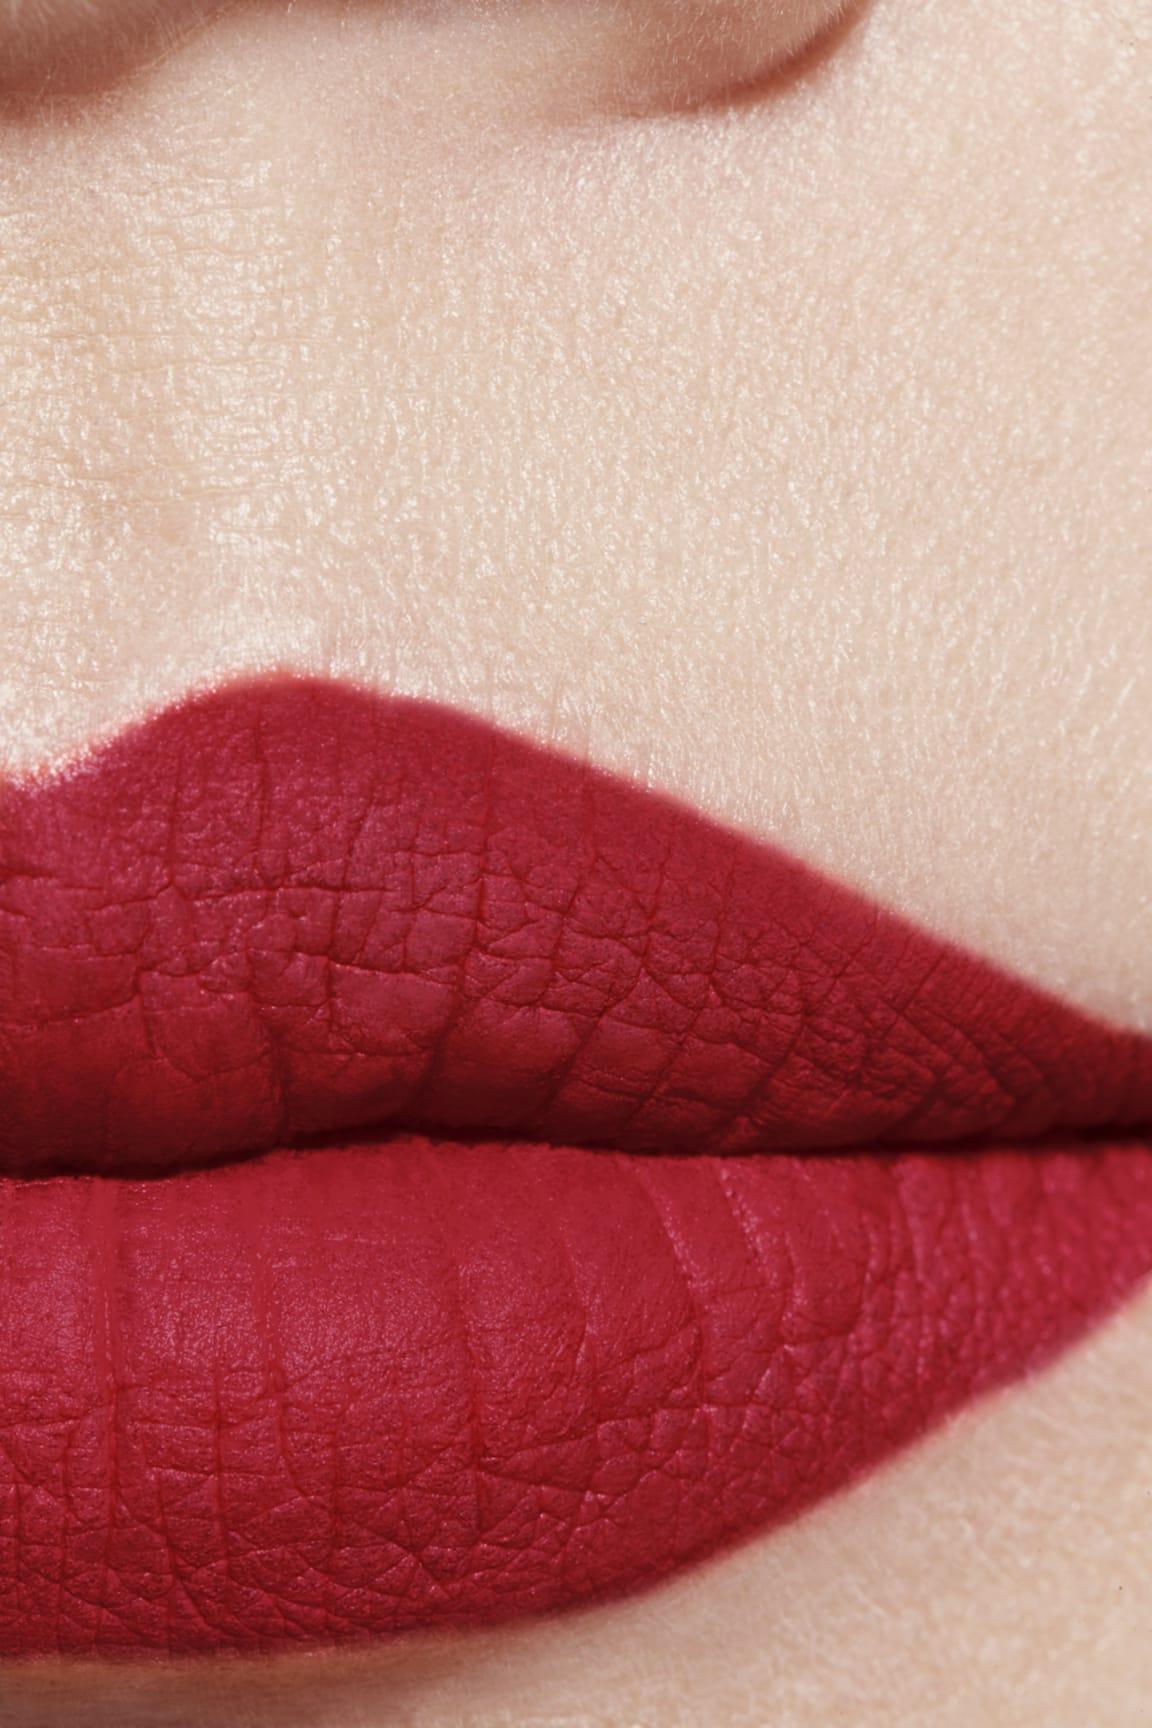 Visuel d'application maquillage 1 - ROUGE ALLURE VELVET EXTRÊME 136 - PIVOINE NOIRE